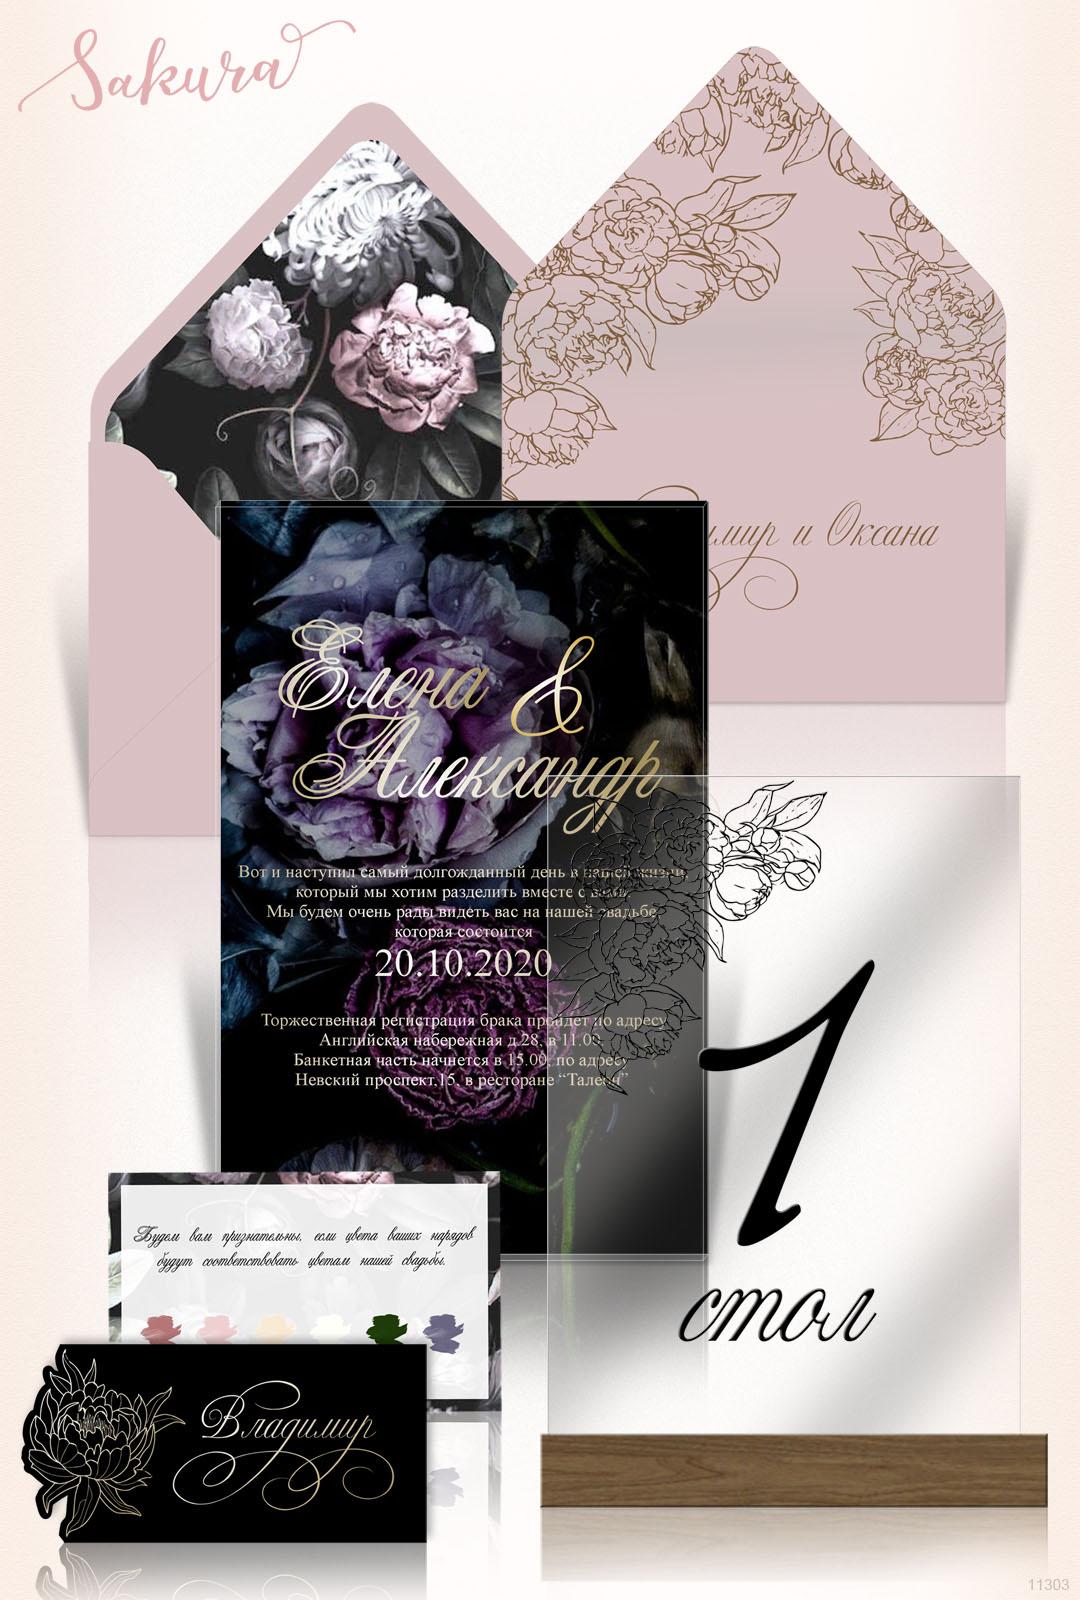 Прозрачные приглашения на свадьбу на стекле с 3D печатью и золотой шелкографией текста. перламутровый конверт из грязно-розовой бумаги с шикарной цветной вставкой.